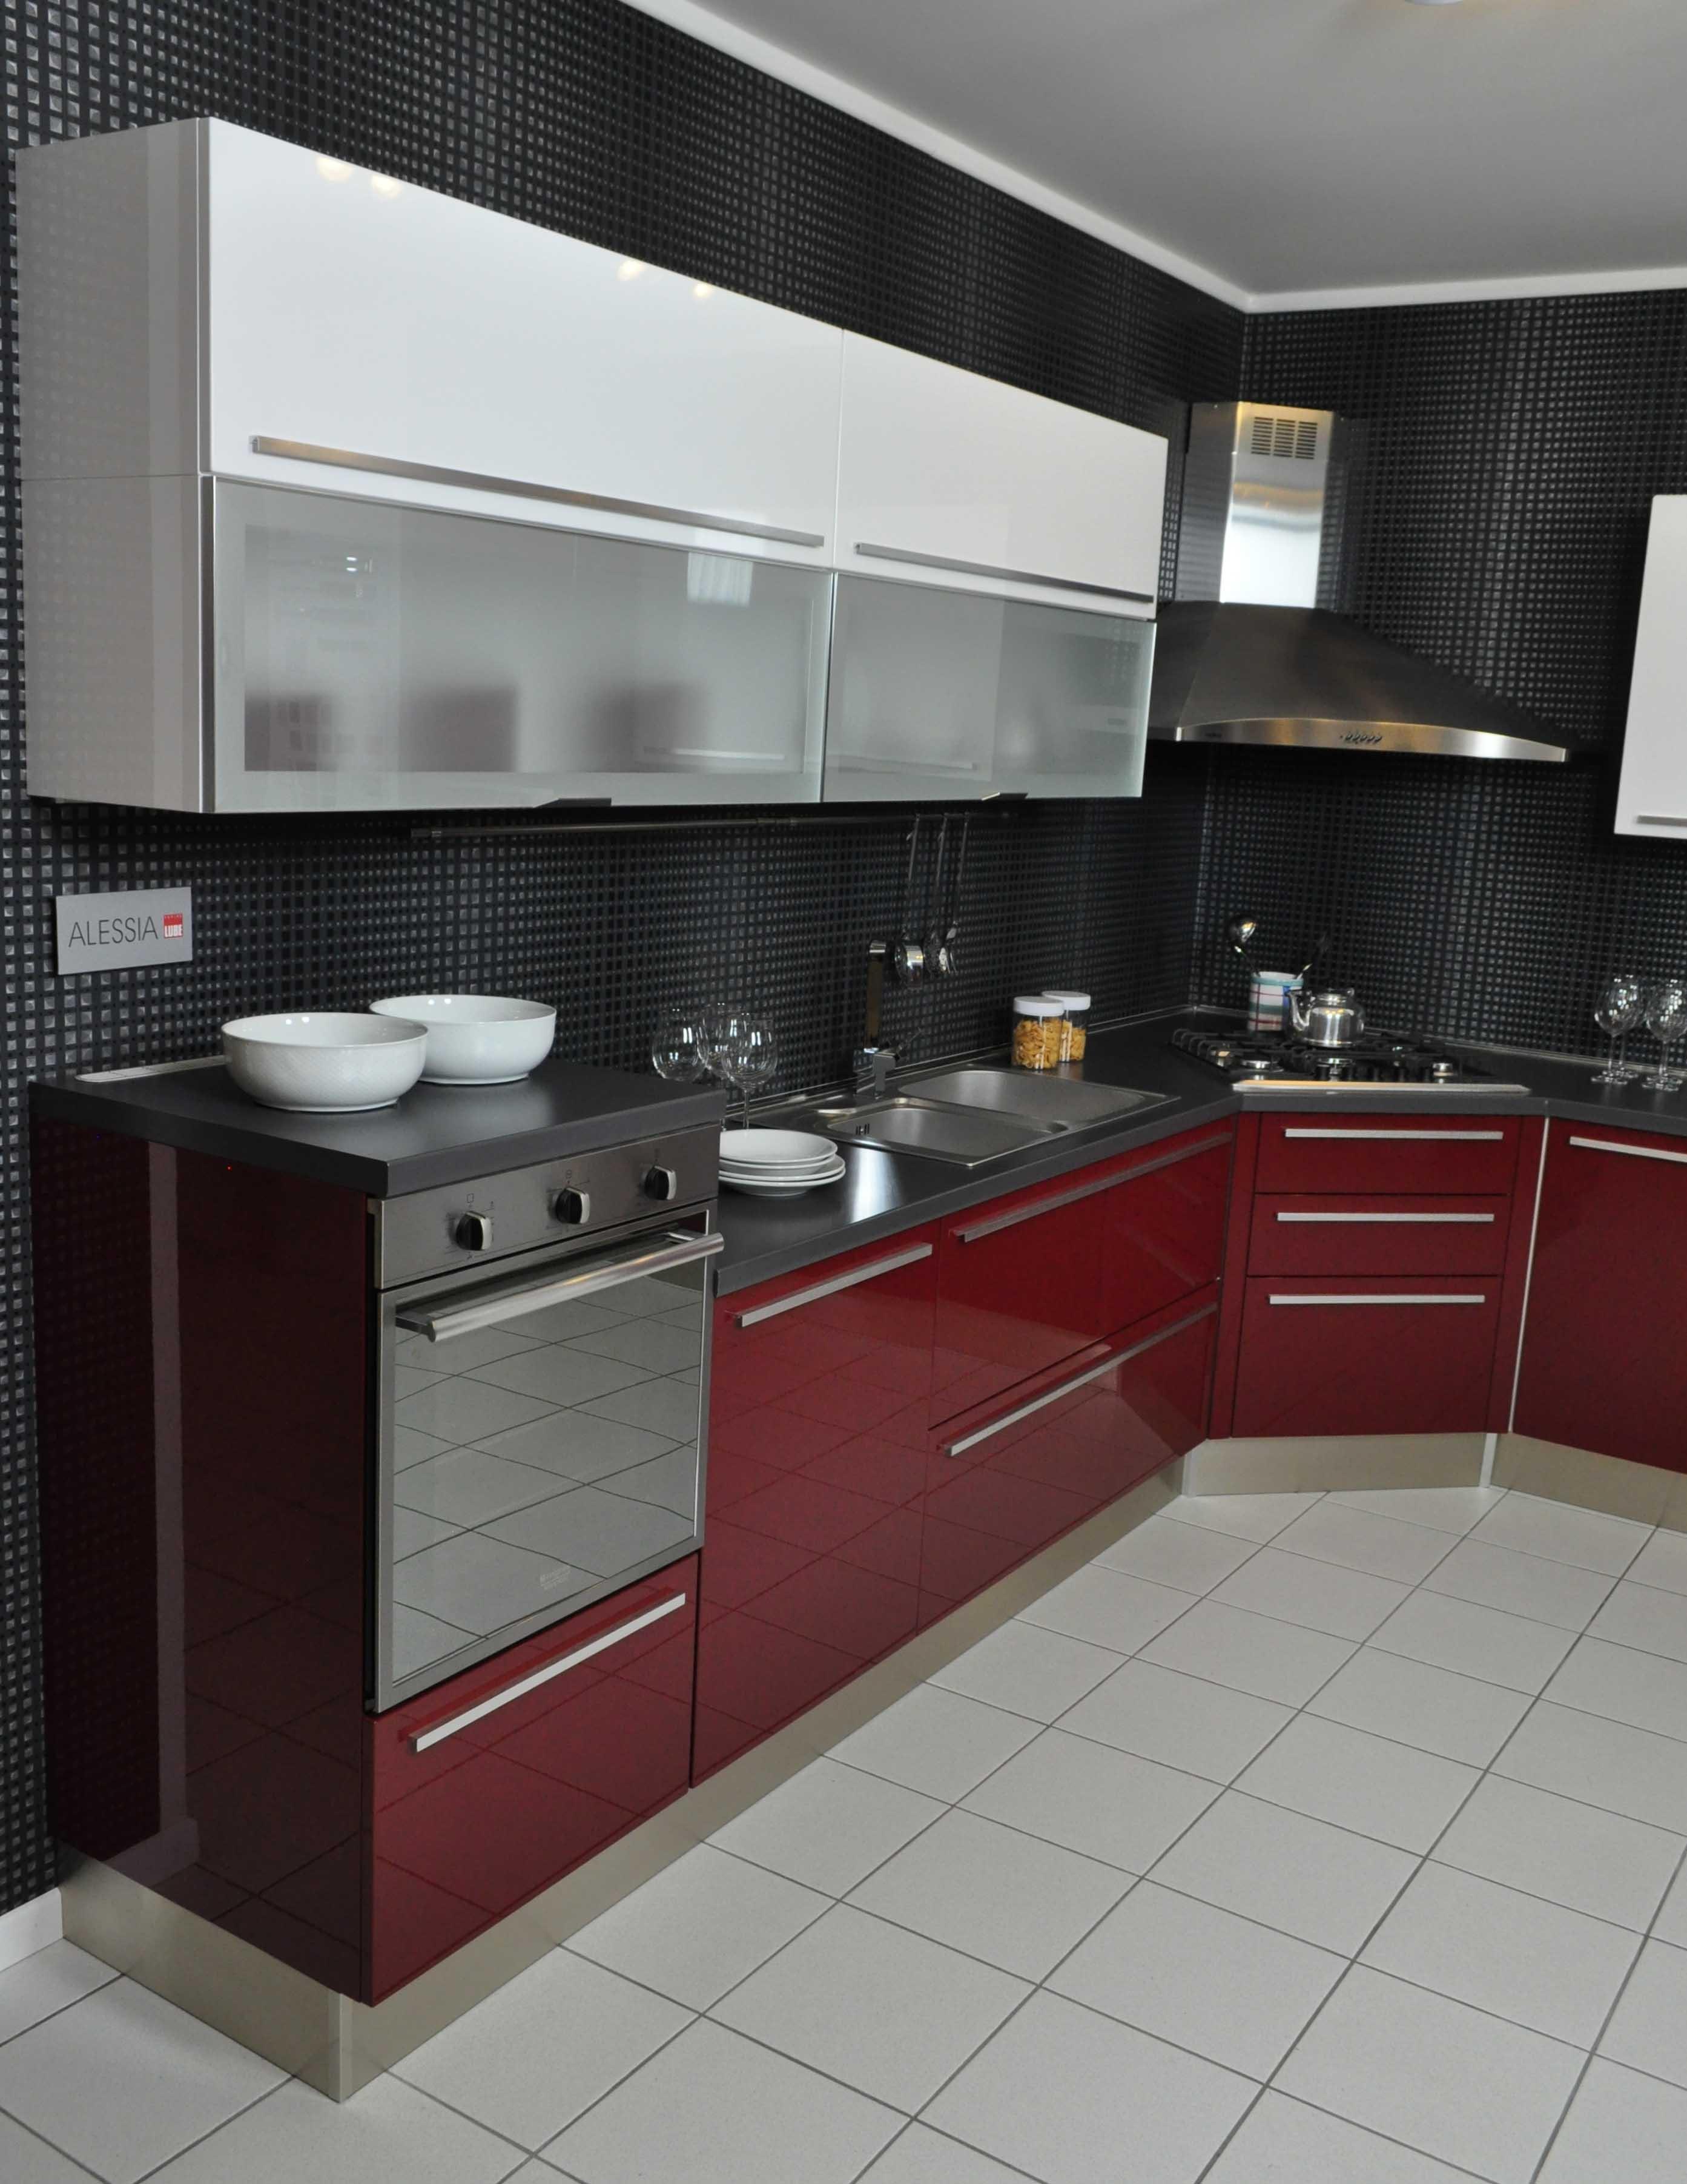 Cucina lube modello alessia completa di elettrodomestici e - Cucina accessori ...